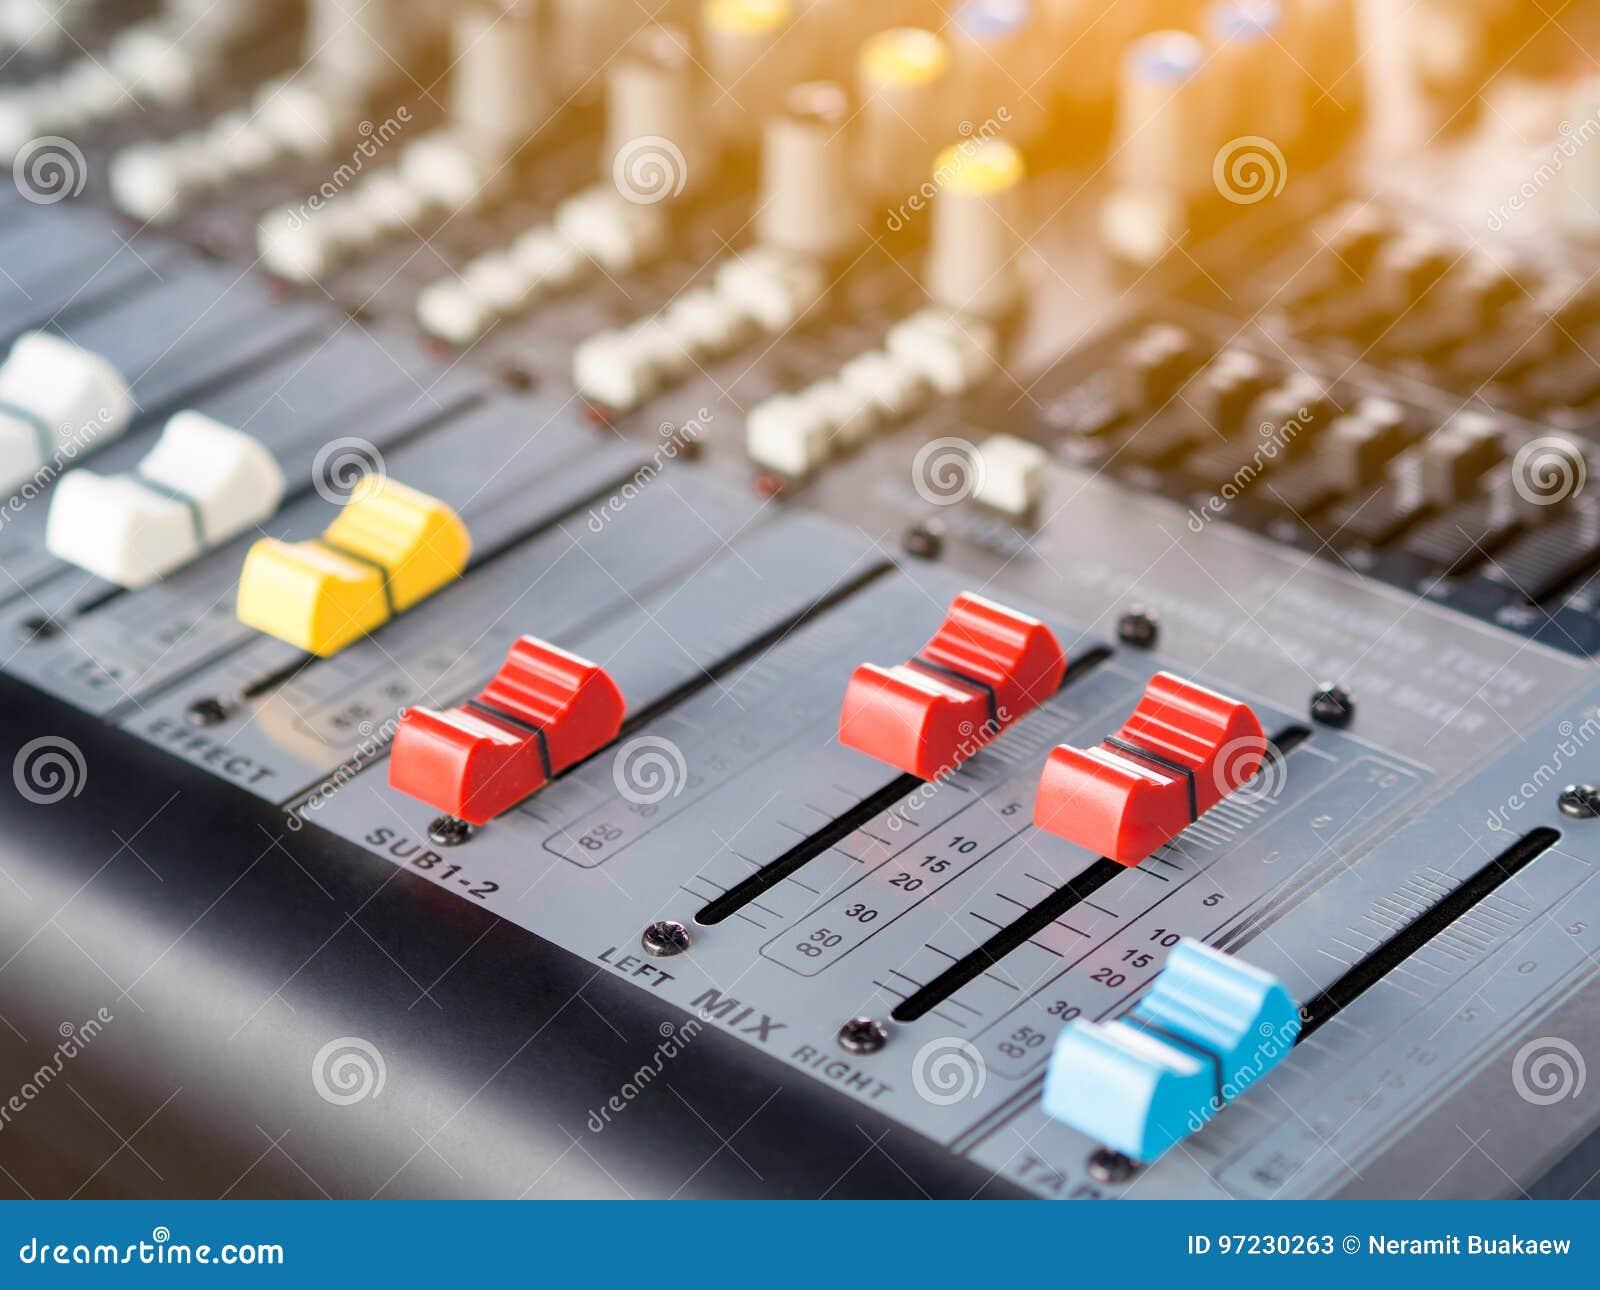 Knopflinie Der Audiotonmeisterkonsole Stockbild - Bild von mikrophon ...